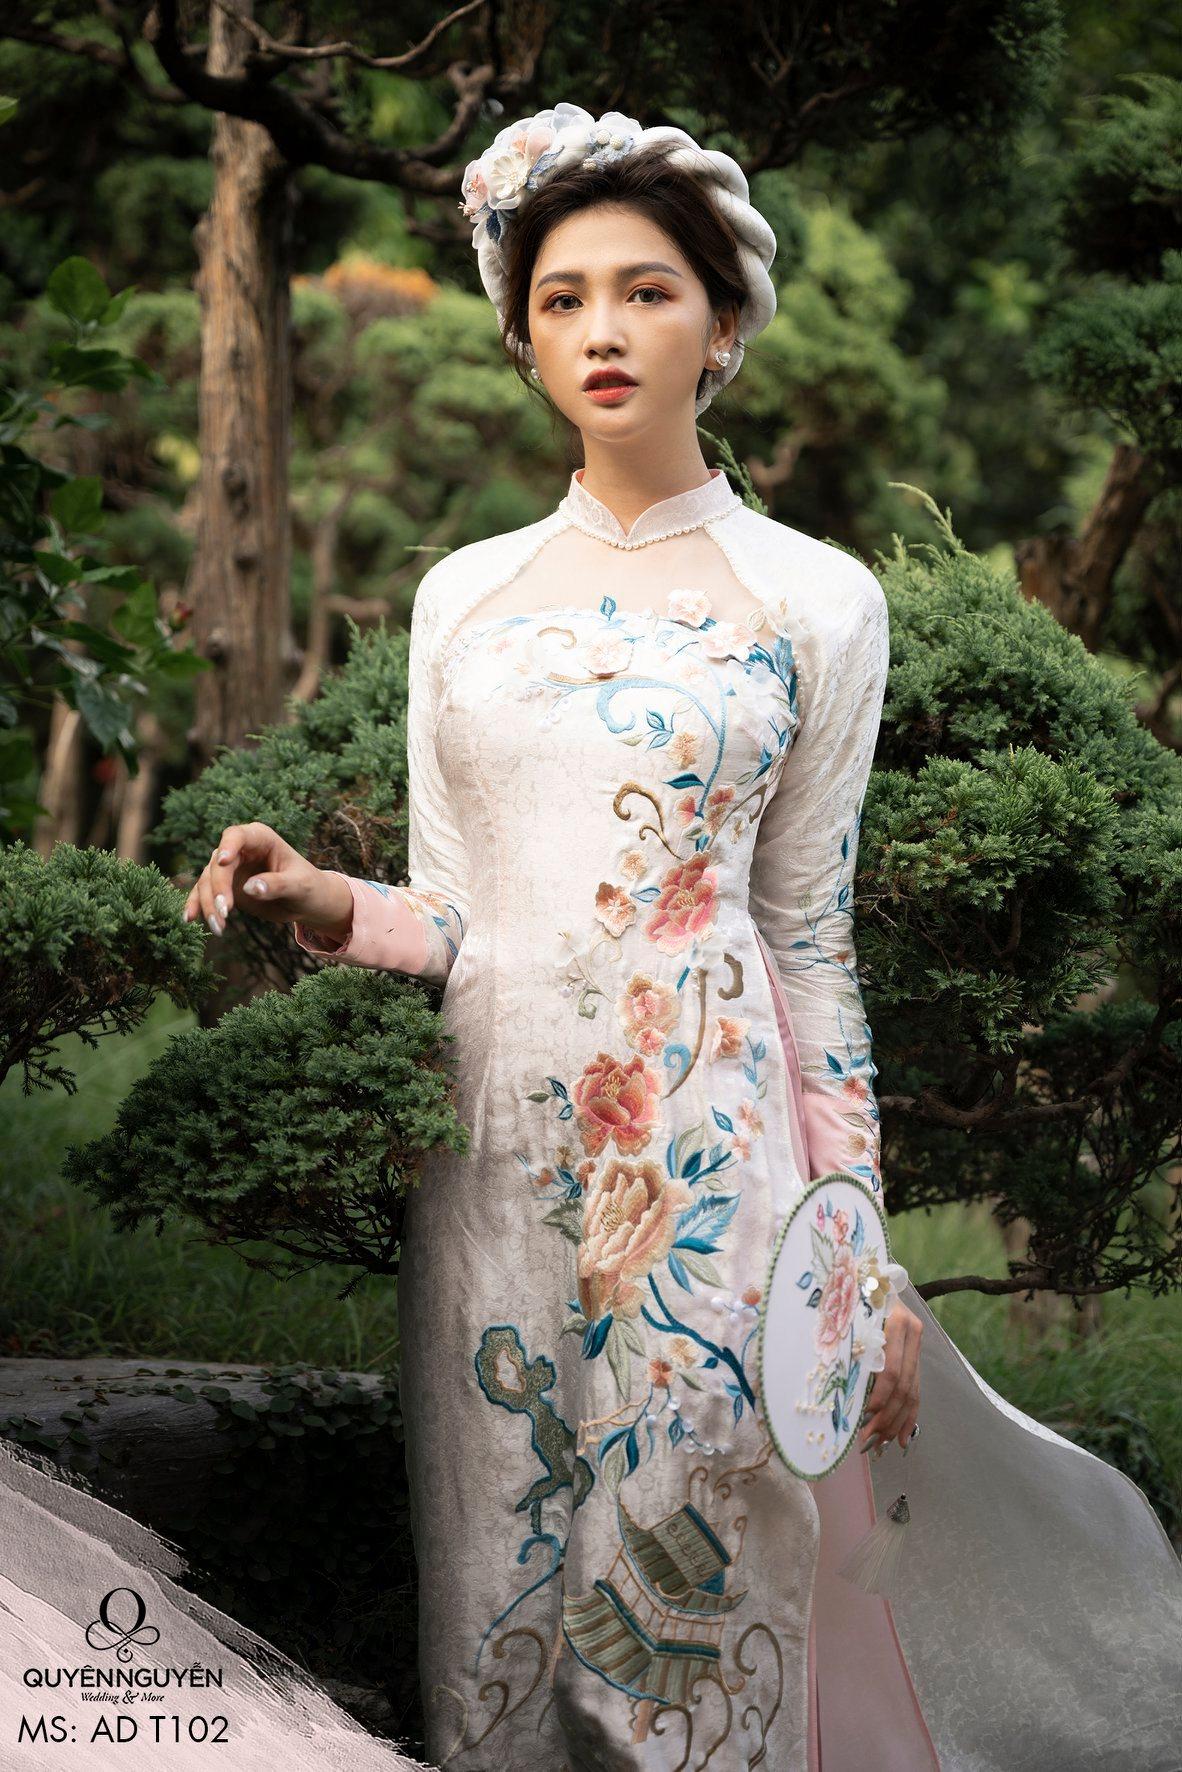 Địa chỉ mua áo dài bán sẵn HCM ở đâu để vừa đẹp mà giá cả lại hợp lý?